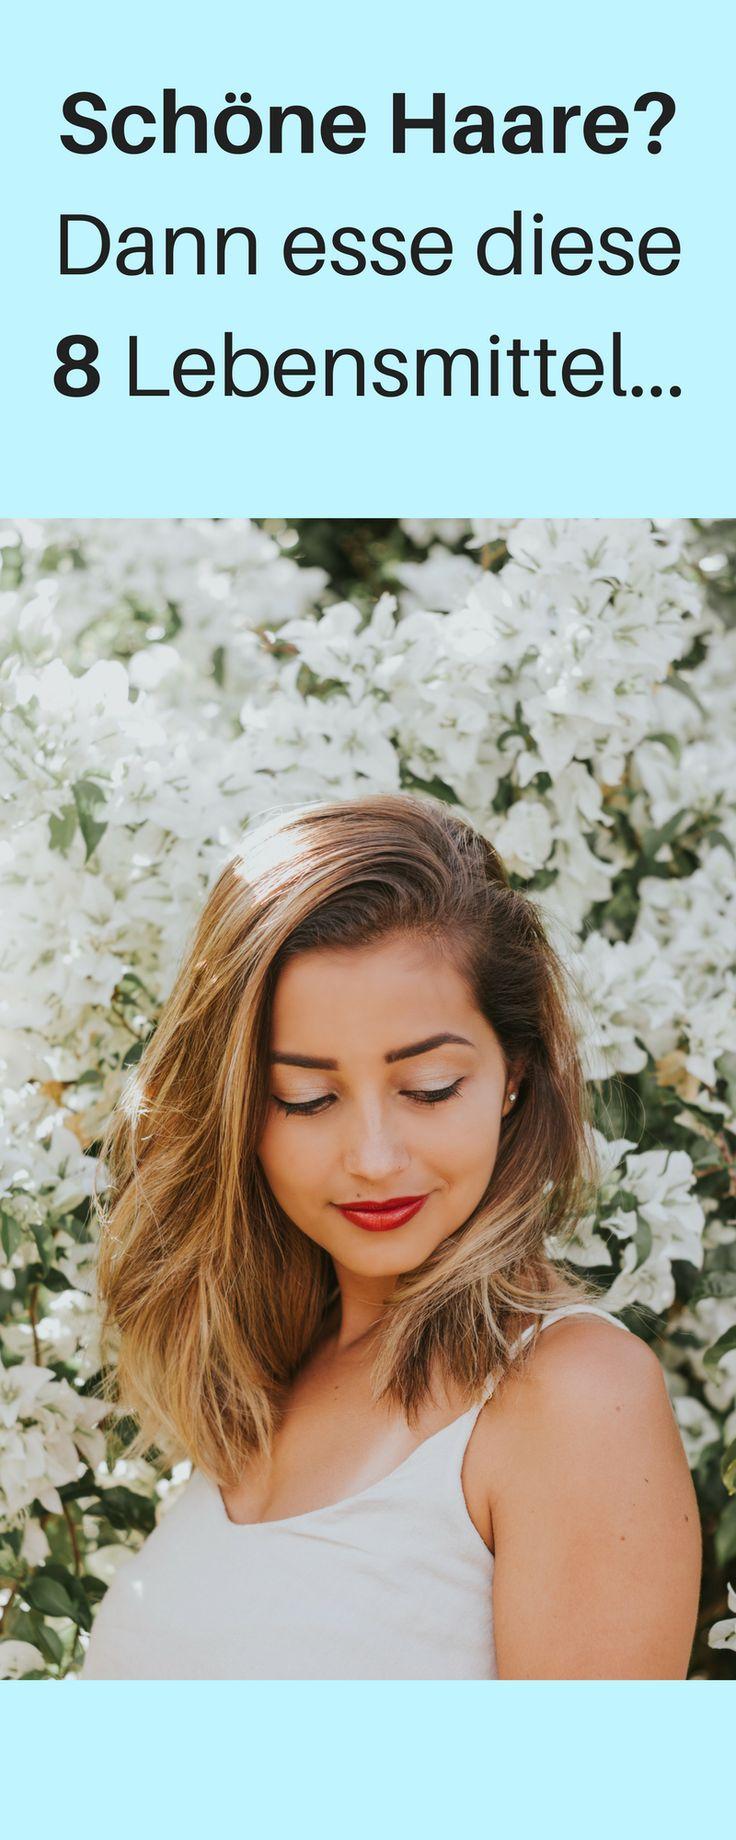 Schöne Haare durch bestimmtes Essen? Schöne Haare Pflege, Schöne Haare Hausmittel, fettige Haare Hausmittel, Schuppen Hausmittel, Tipps für mehr Volumen, Lange Haare Tipps, Volumen Haare, dünnes Haar Hausmittel, schöne Haare locken, Rizinusöl Haare